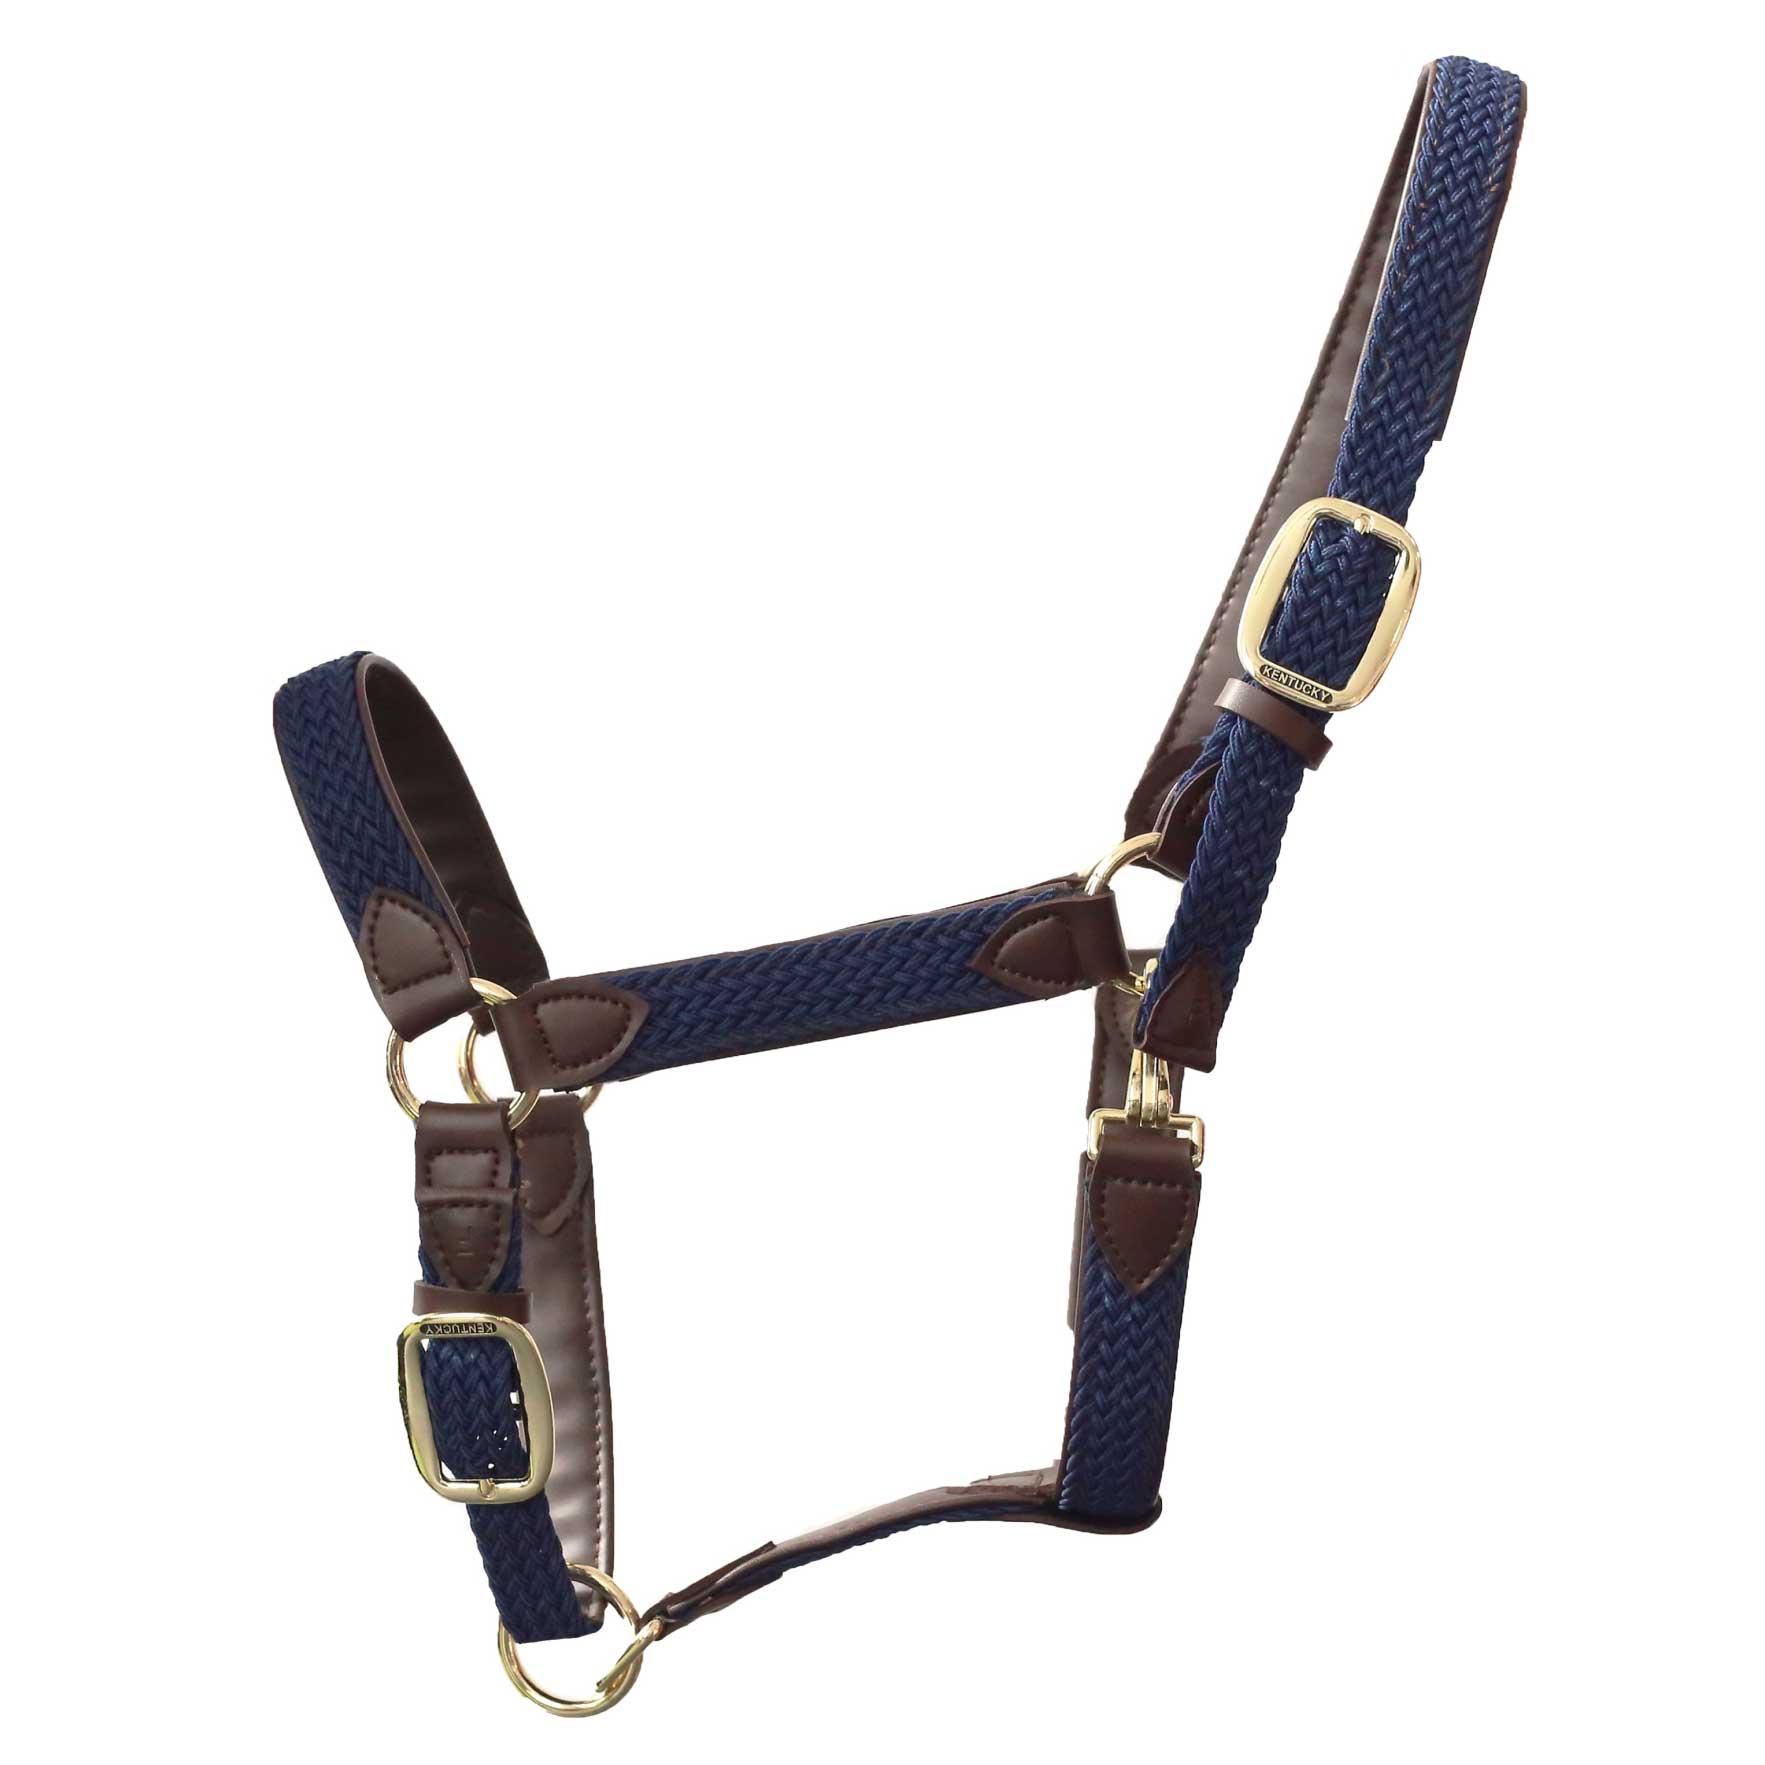 Kentucky halster gevlochten donkerblauw maat:full